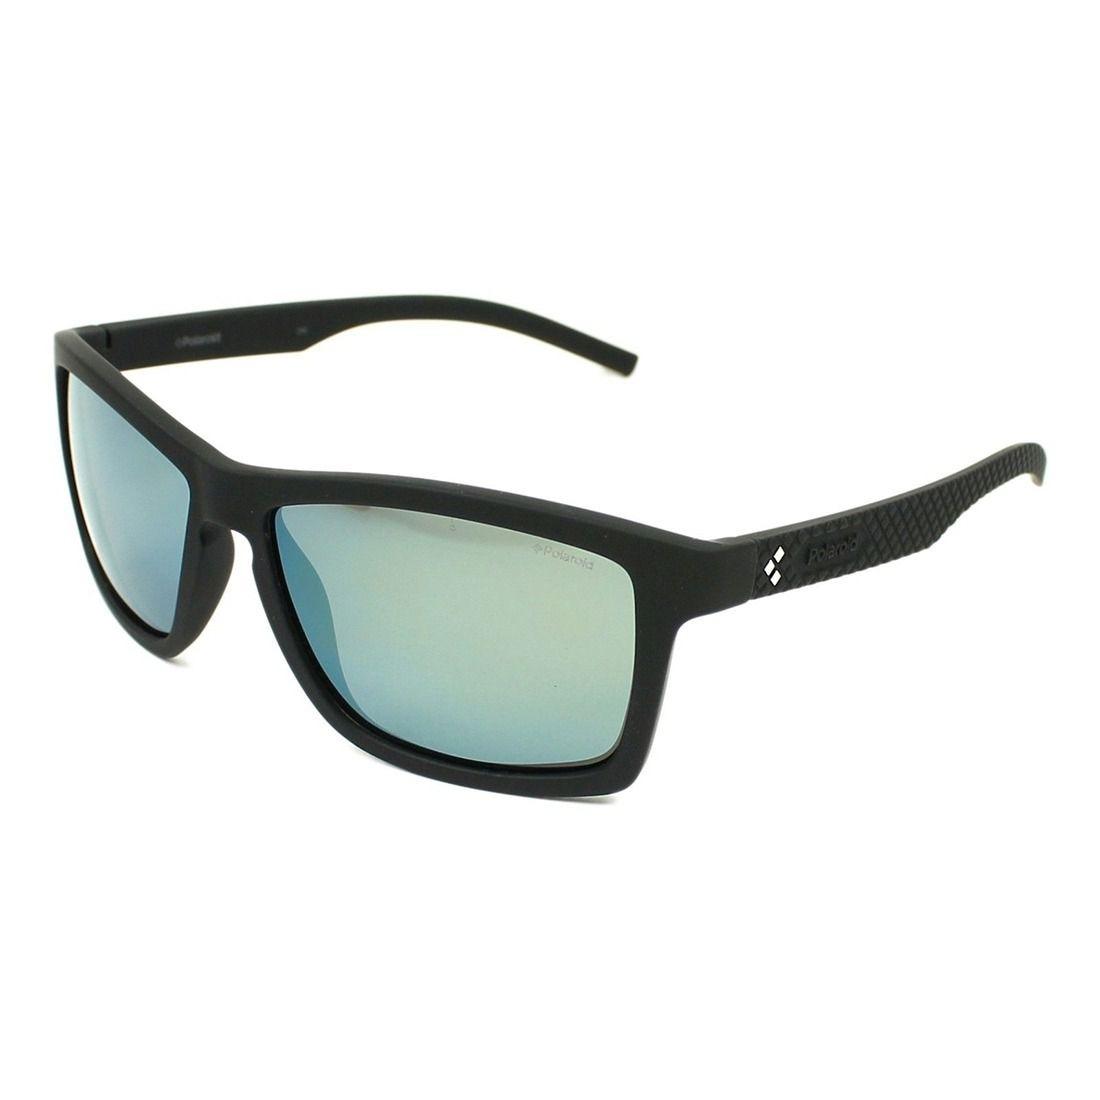 34e622bf4 ... masculino pld 7009/n dl5lm. Carregando zoom... óculos sol polaroid.  Carregando zoom.